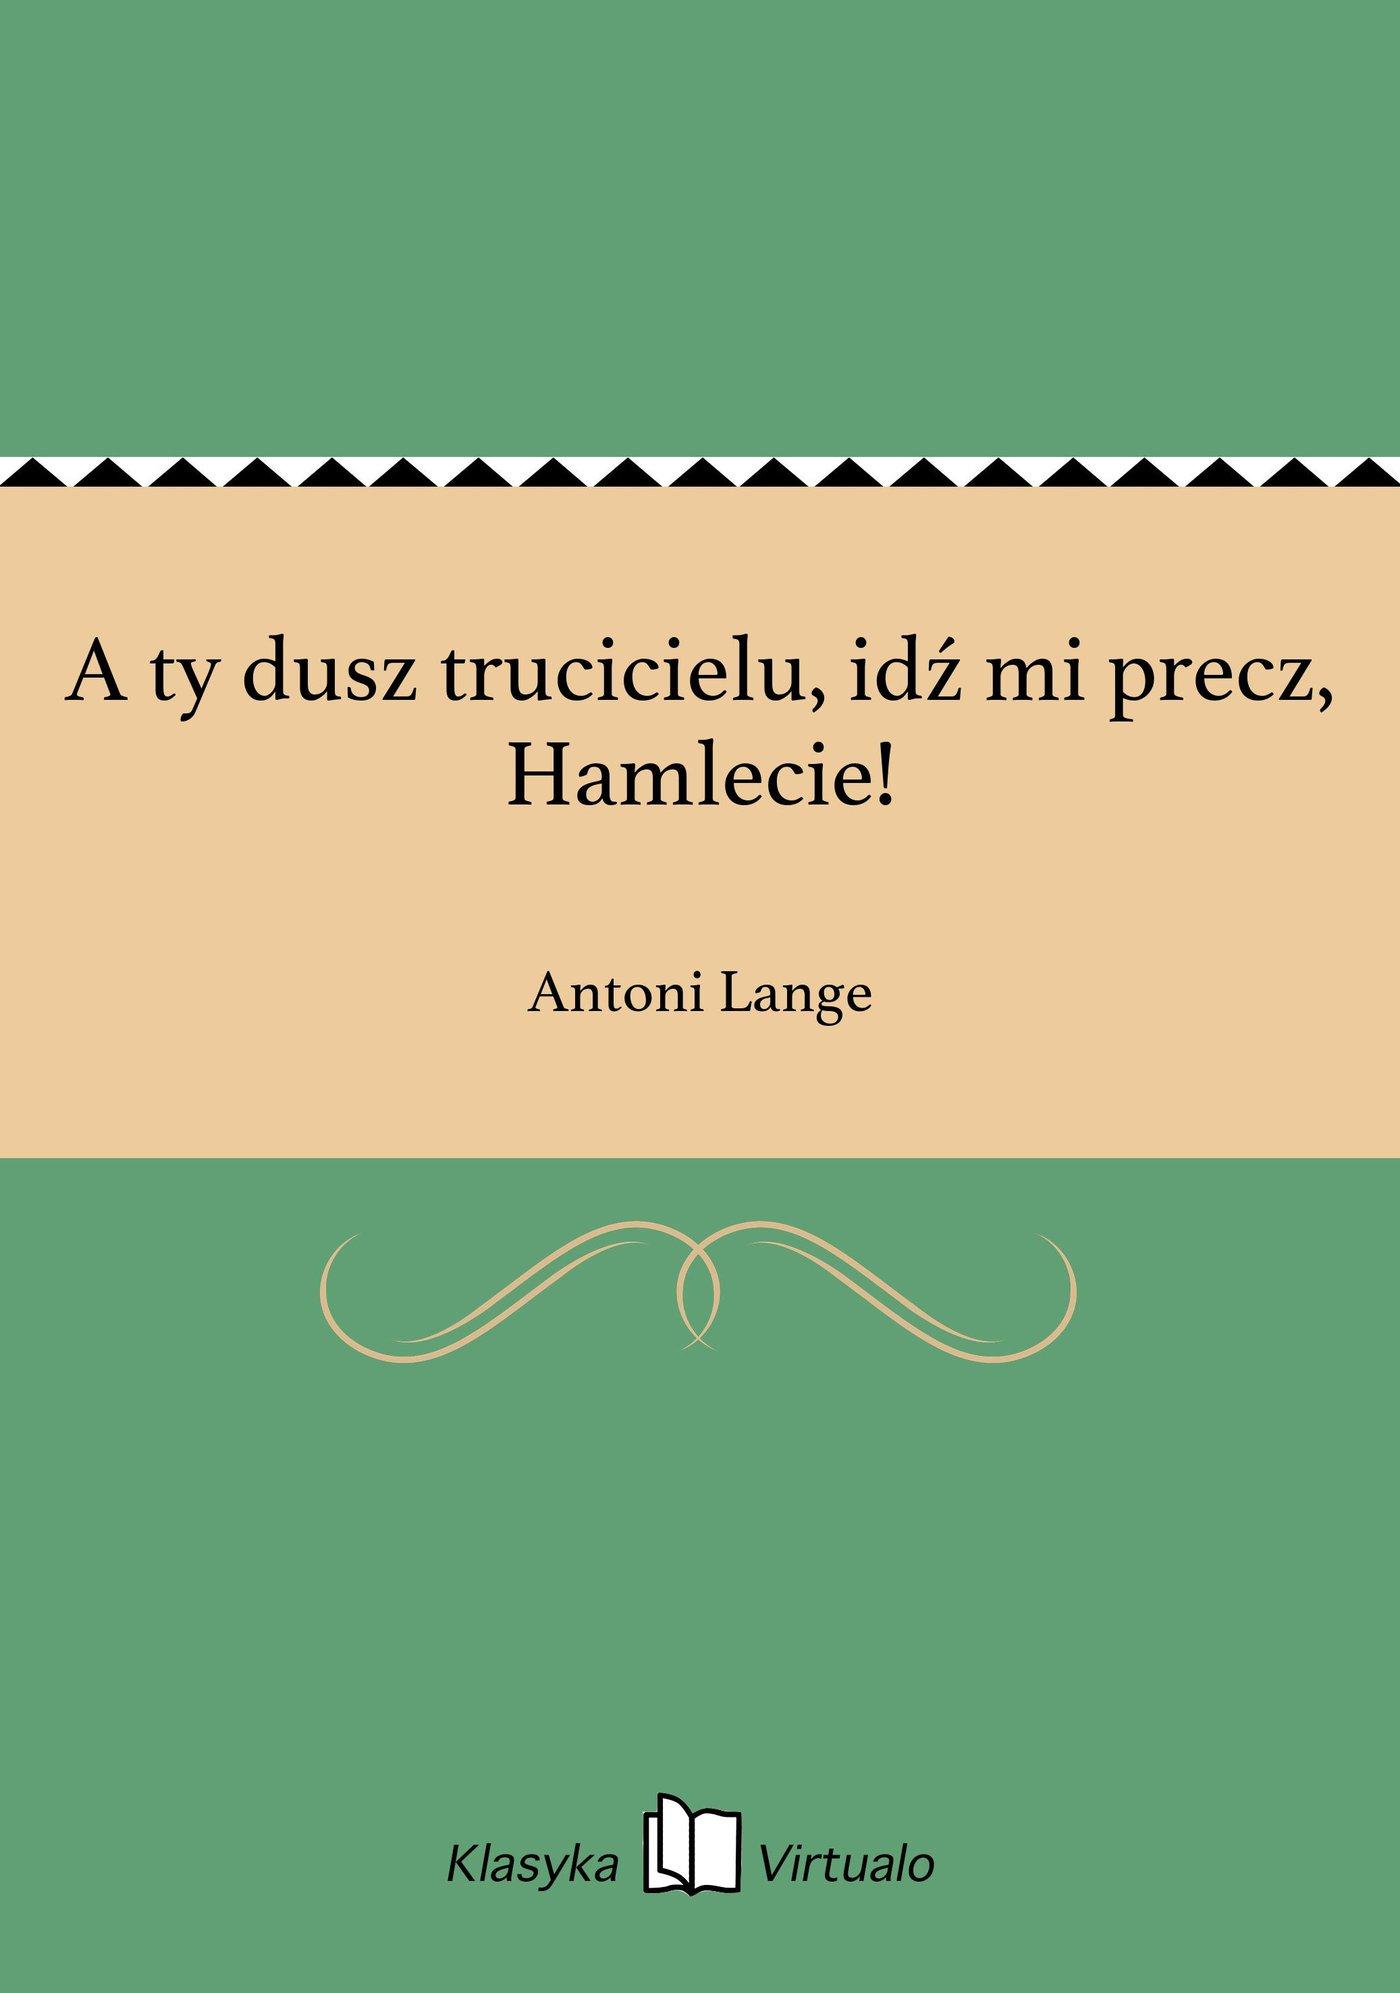 A ty dusz trucicielu, idź mi precz, Hamlecie! - Ebook (Książka EPUB) do pobrania w formacie EPUB